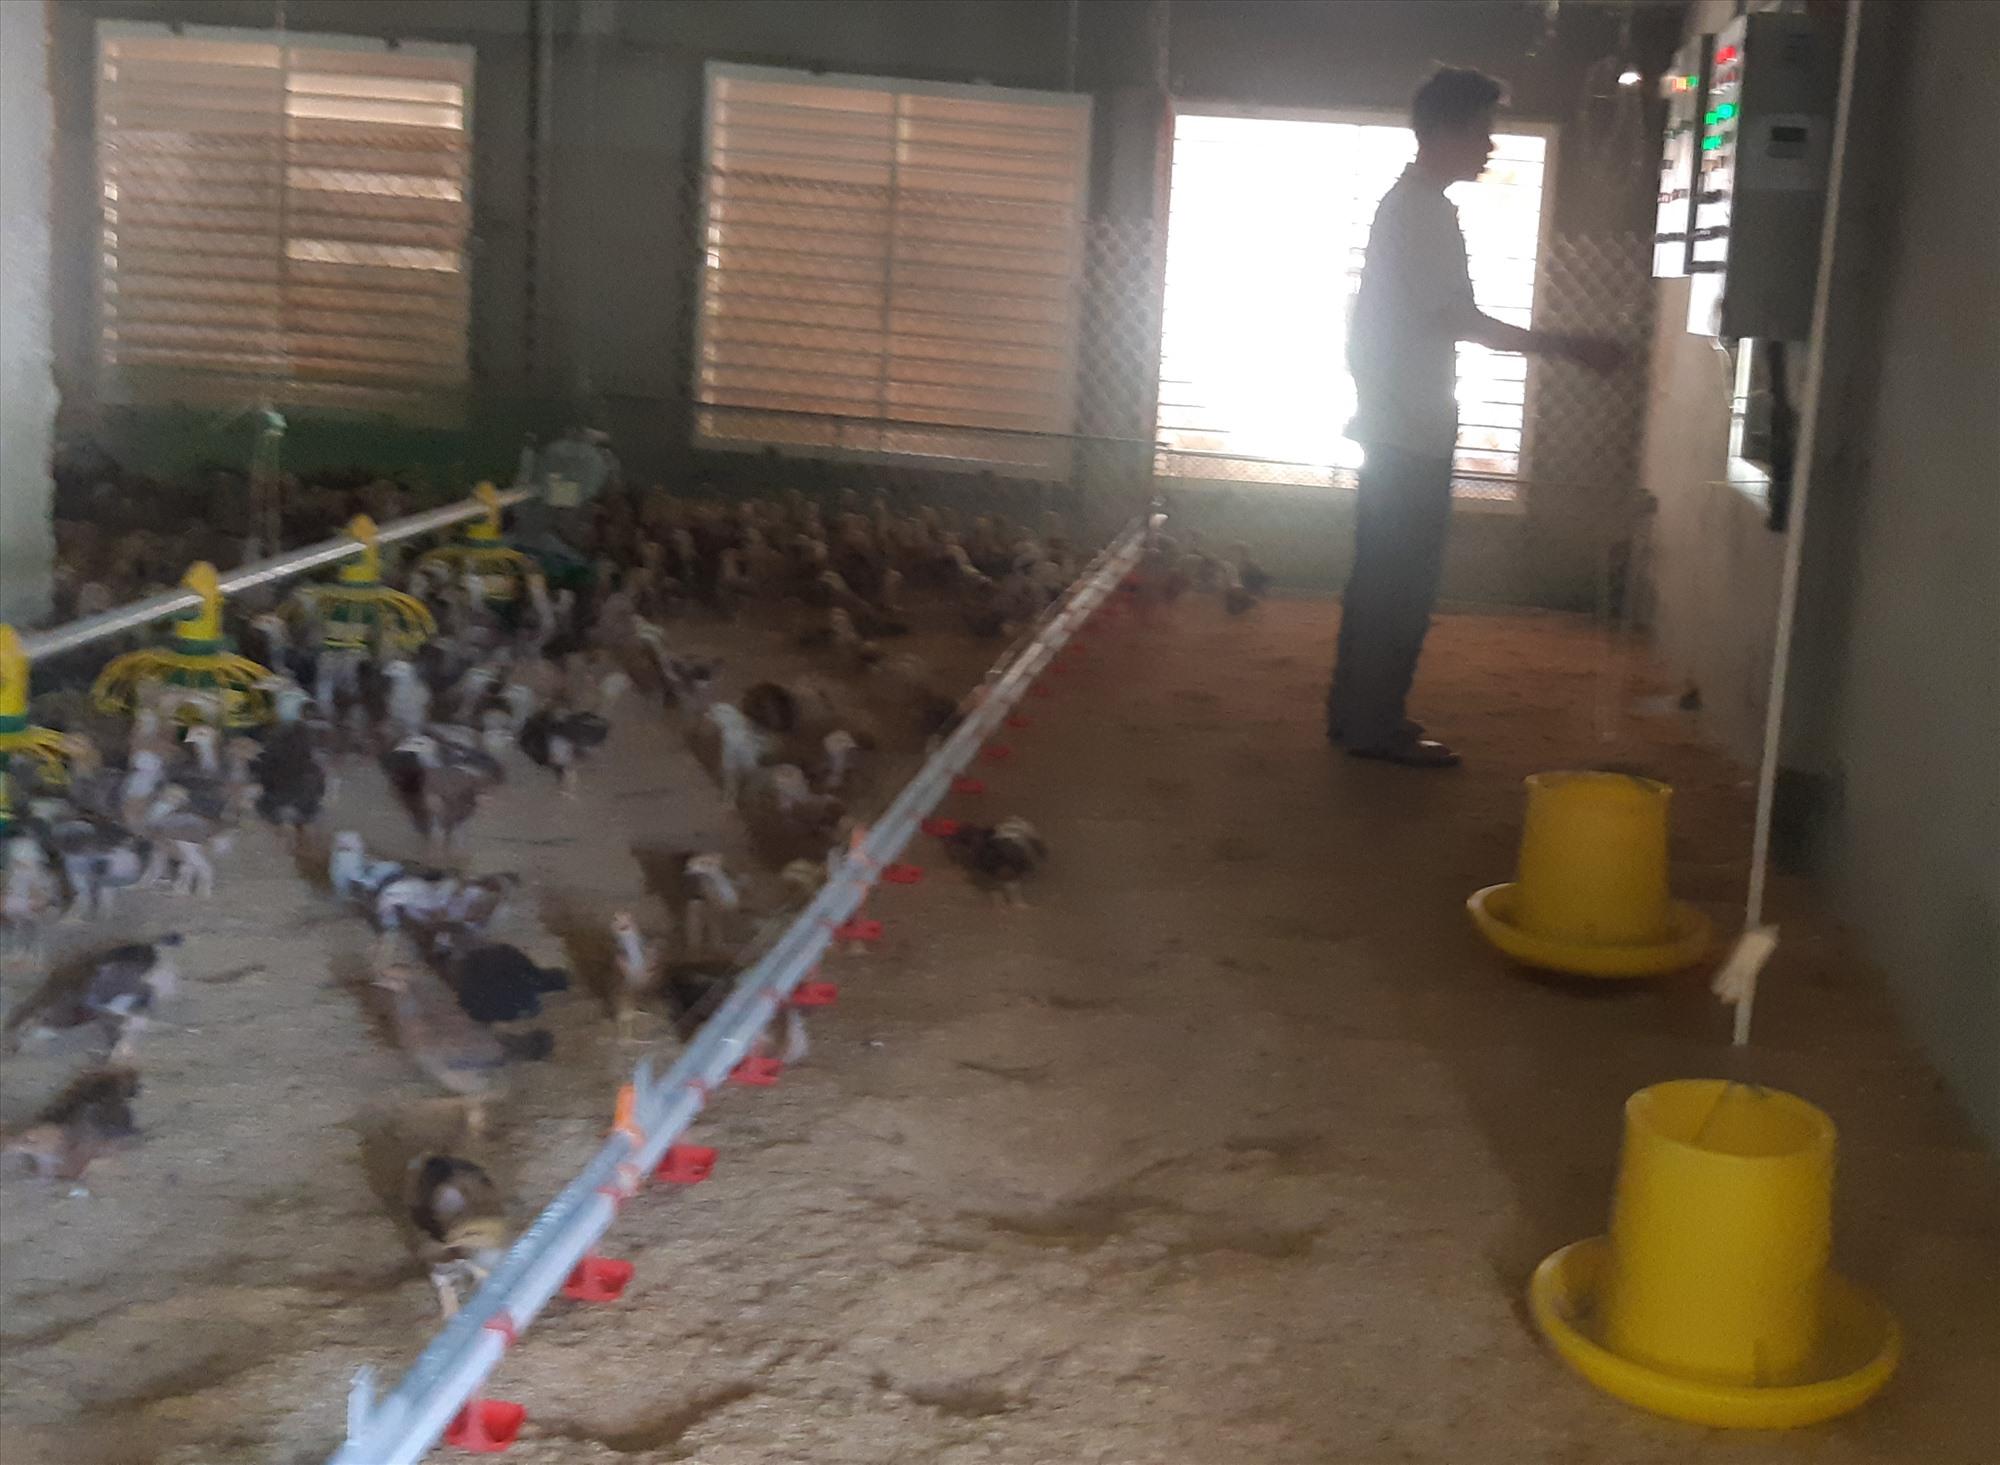 Mô hình chăn nuôi gà trong phòng lạnh với quy mô lớn trên đất Tam Xuân 1, Núi Thành. Ảnh: TRIÊU NHAN